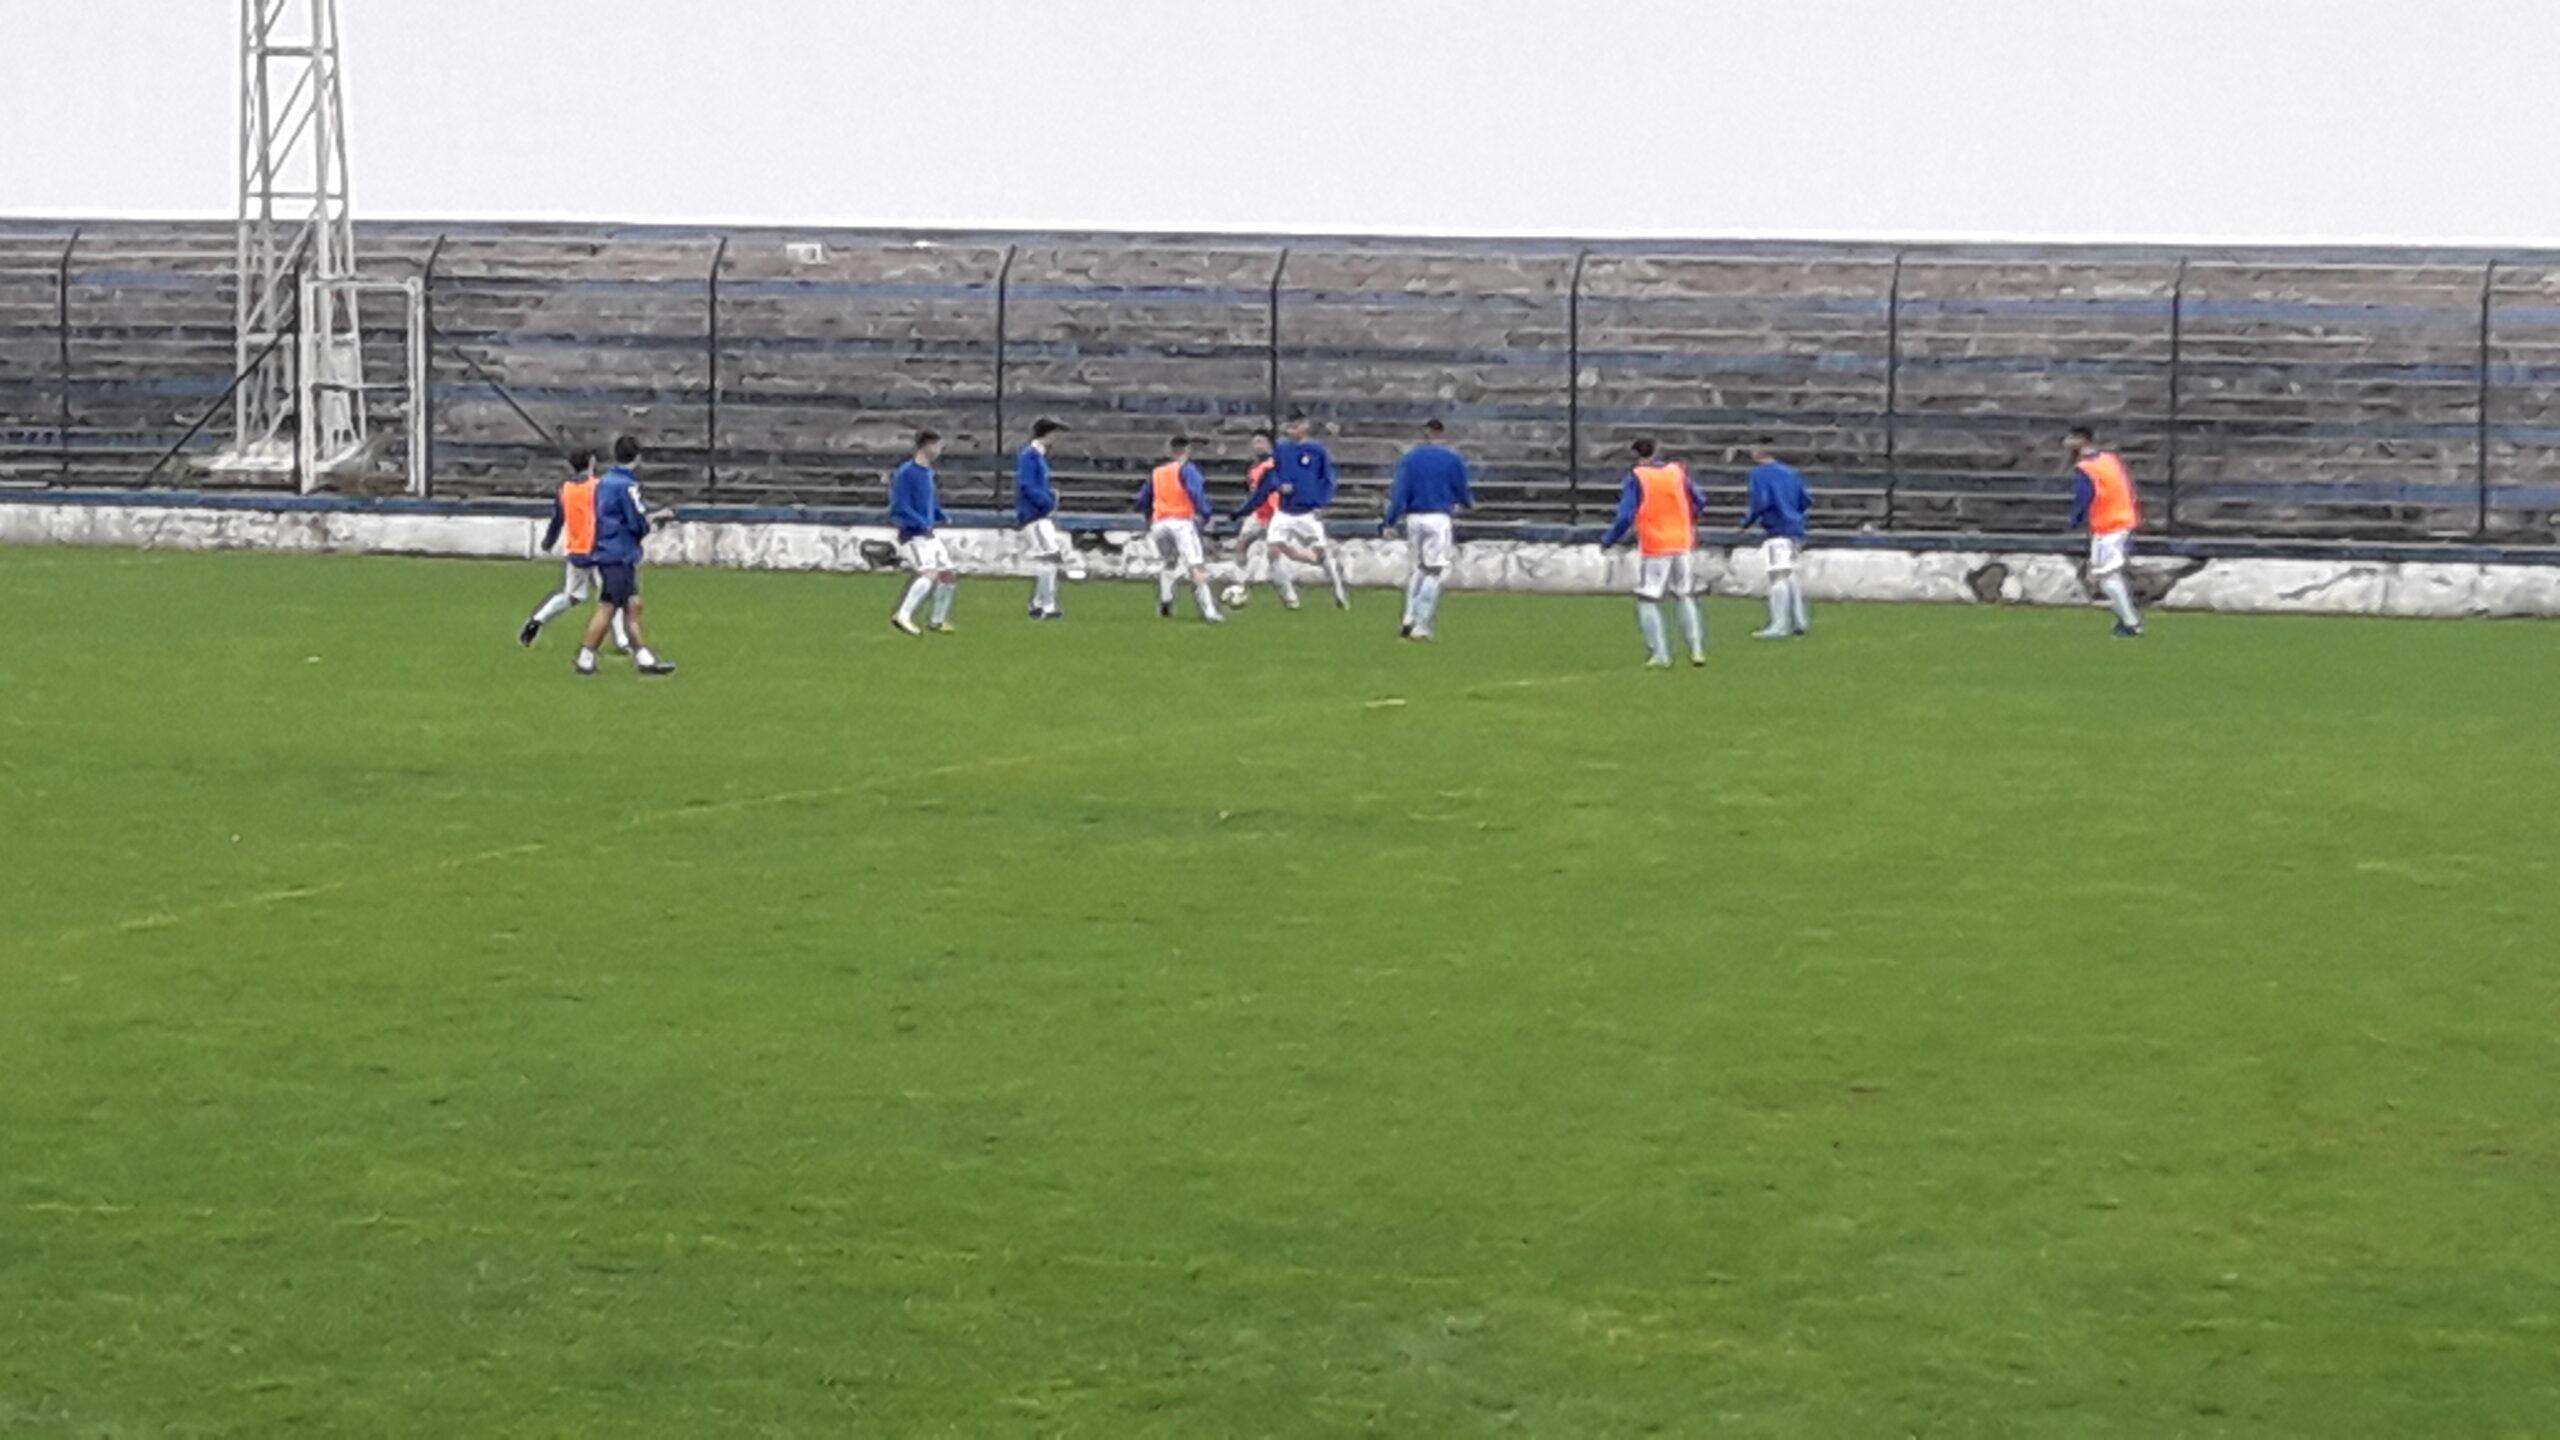 Futebol distrital: Vianense segue em frente na Taça AFVC com goleada em Lanhelas